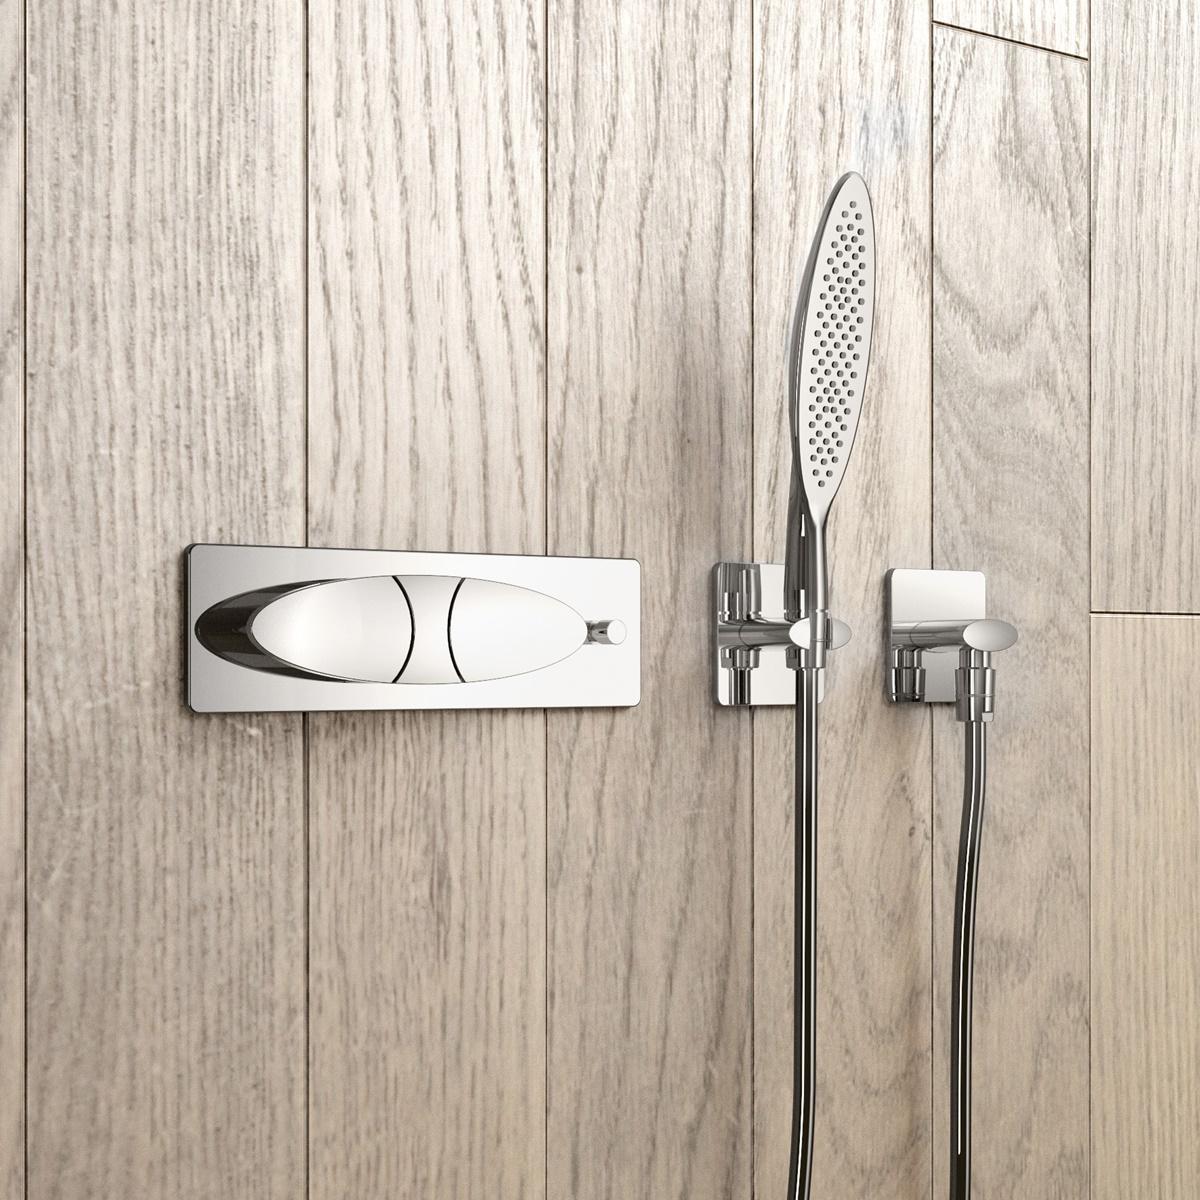 Sprchové hadice a tyče 3